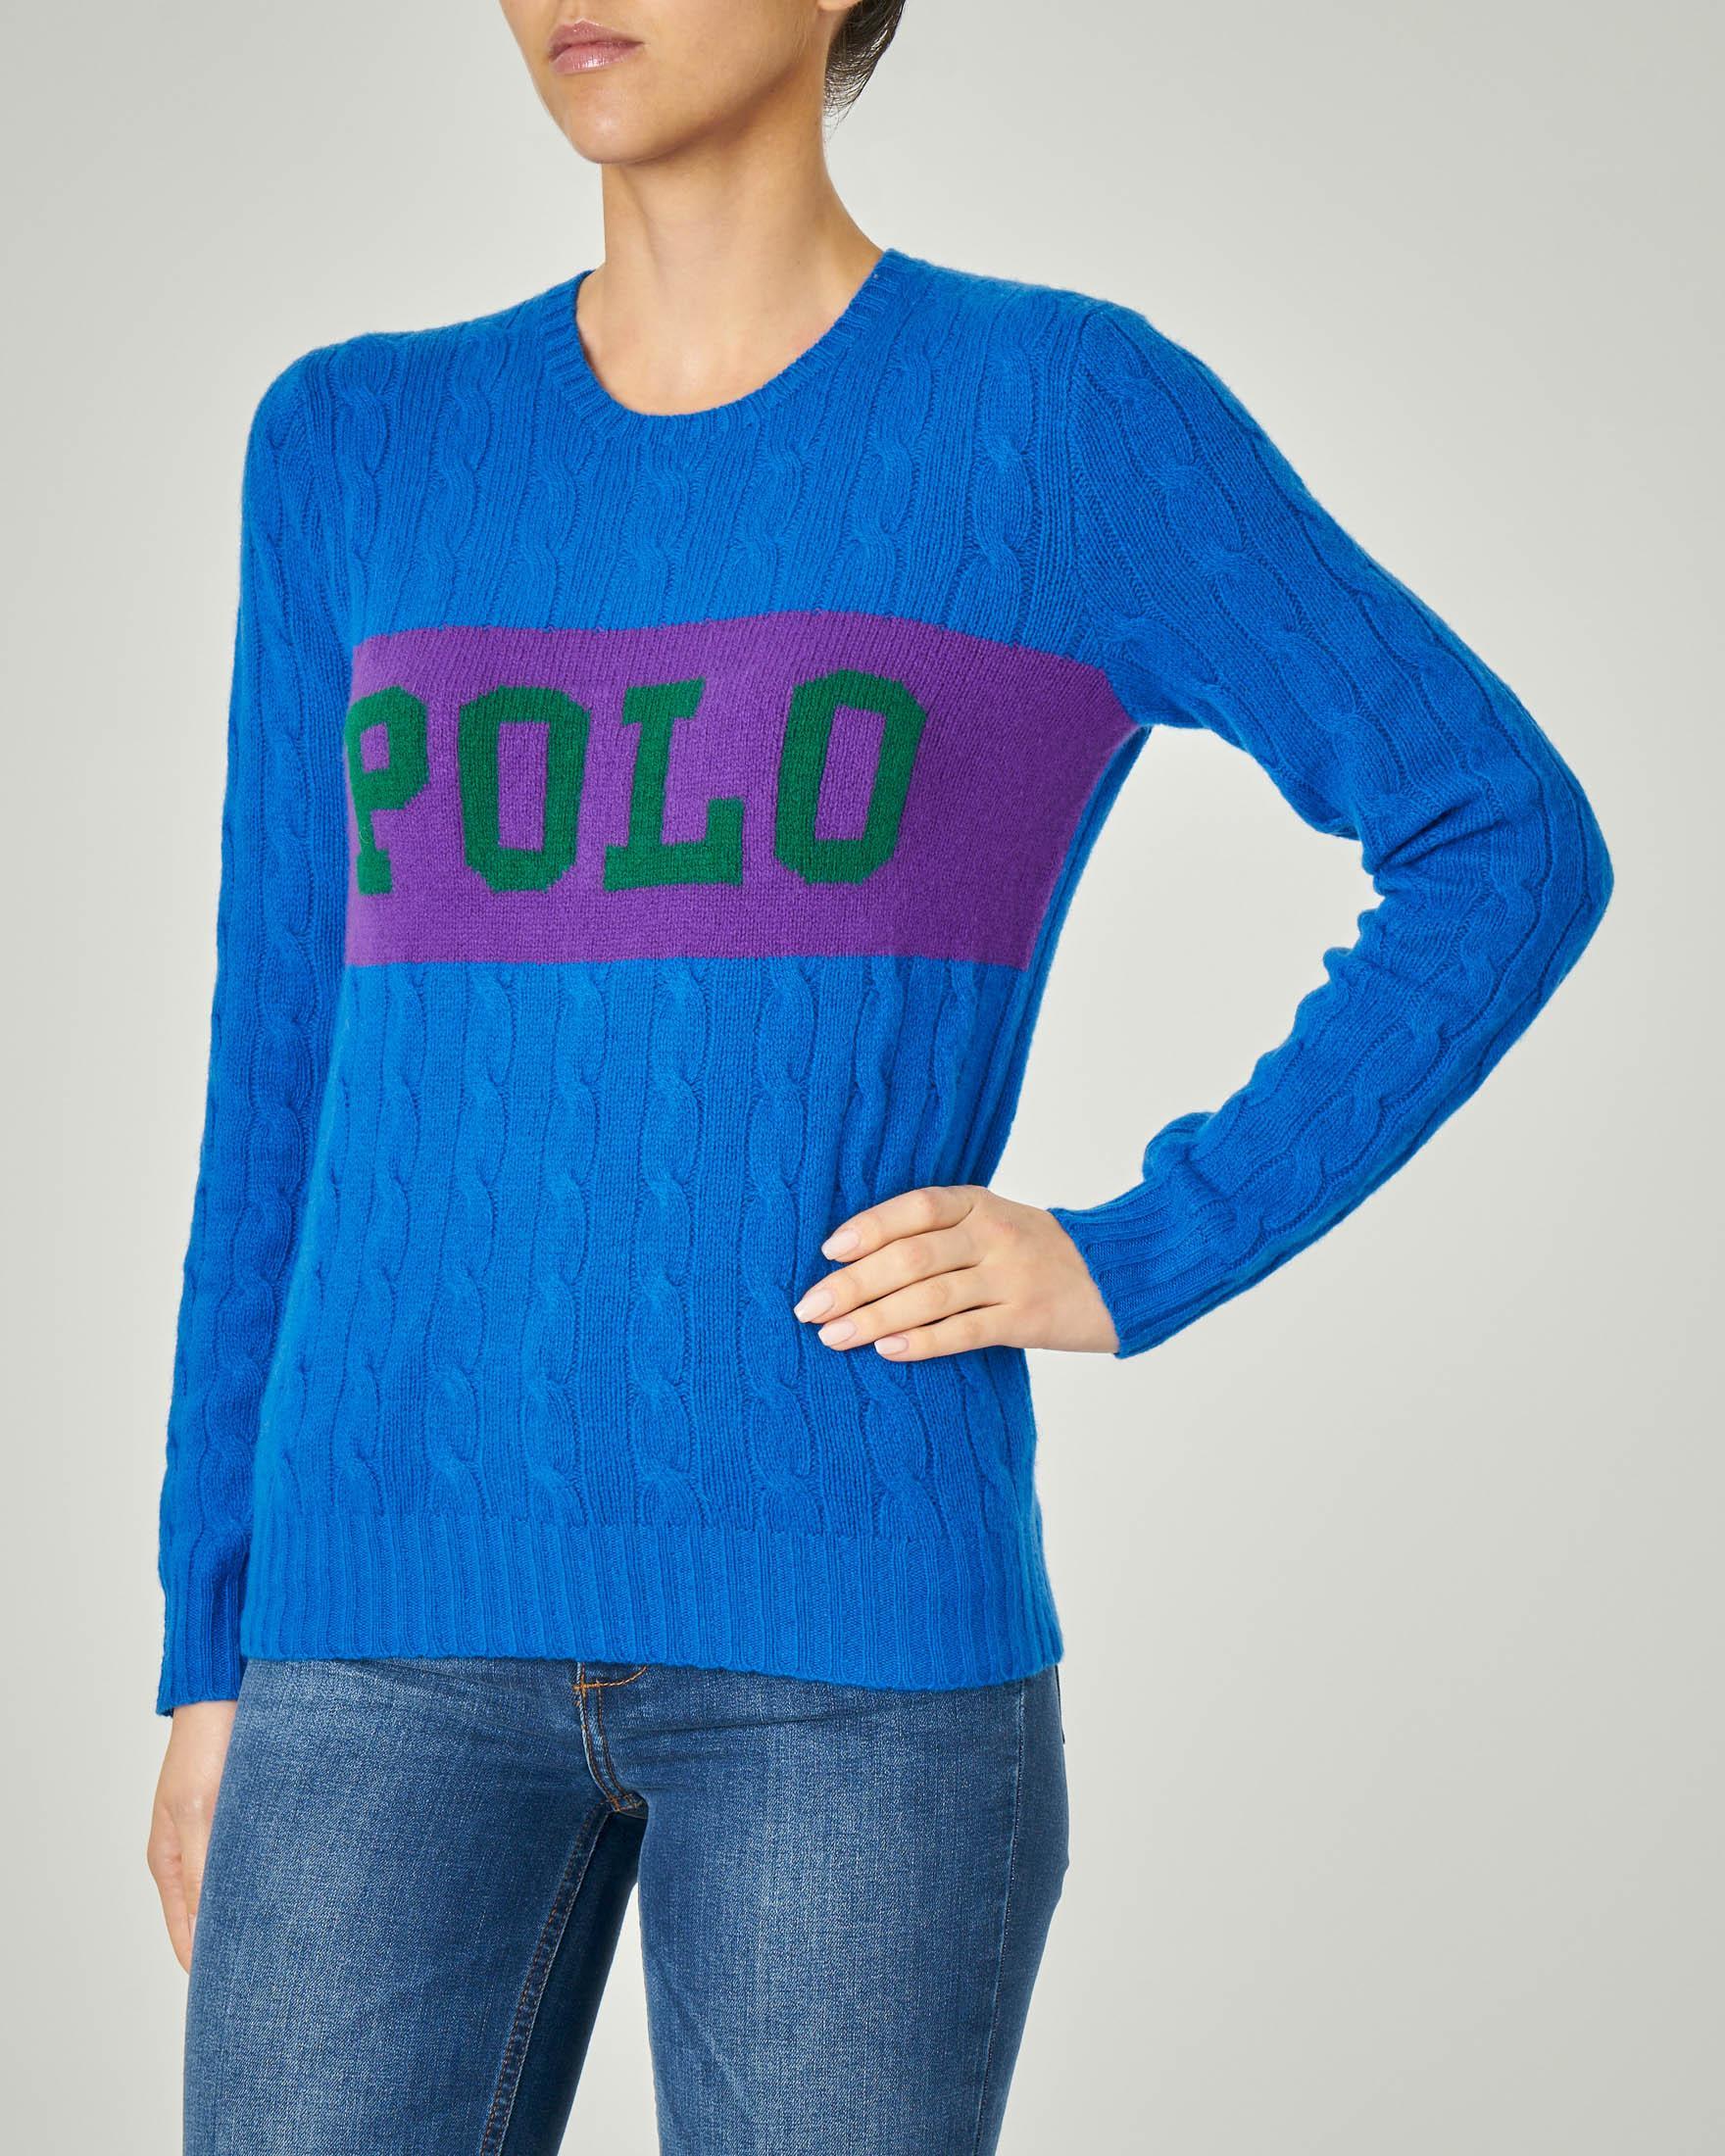 Maglia blu royal in lana e cashmere con motivo a trecce con banda viola con scritta logo